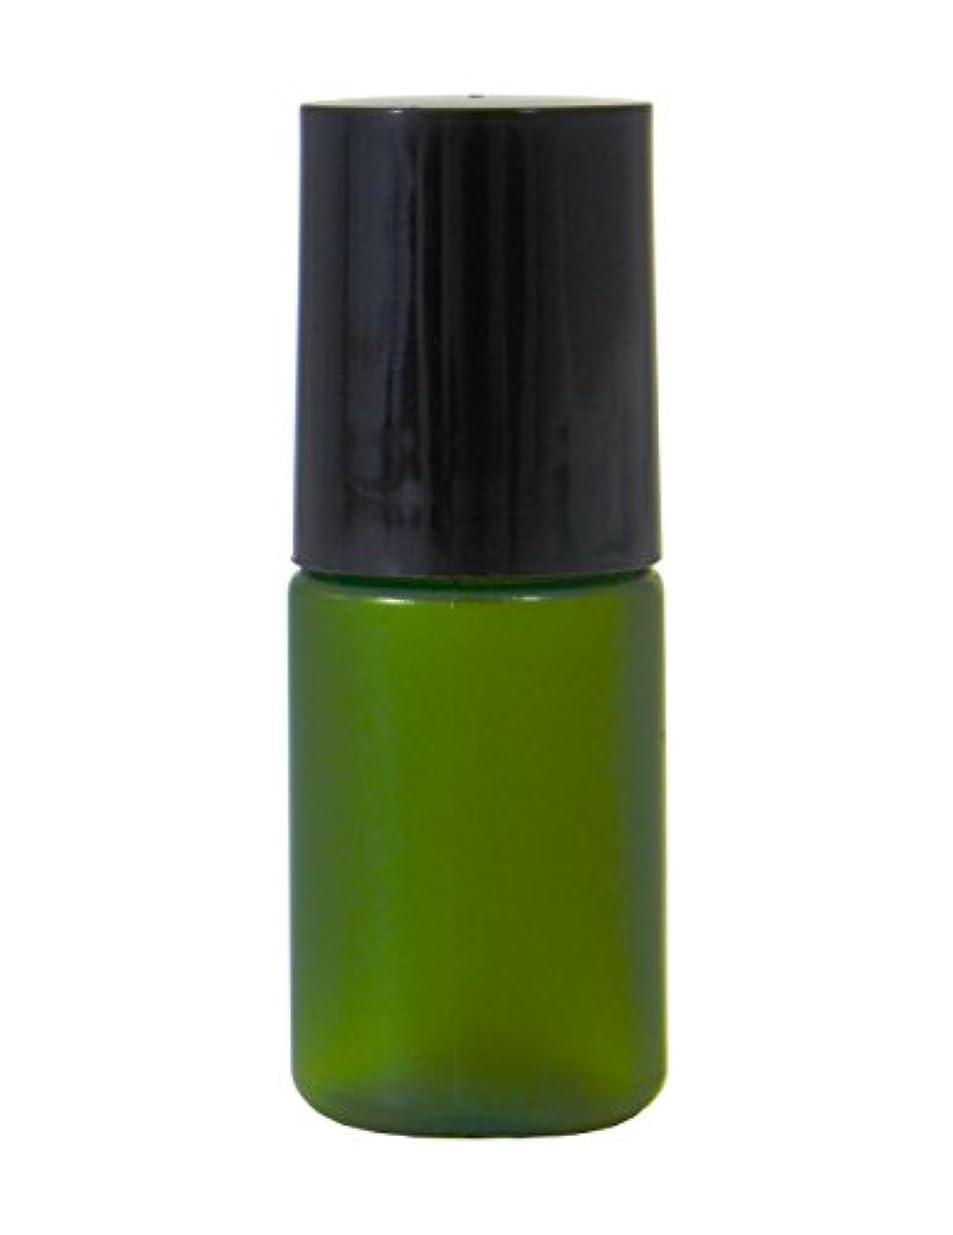 自動化衰える松の木ミニボトル容器 5ml グリーン (100個セット) 【化粧品容器】